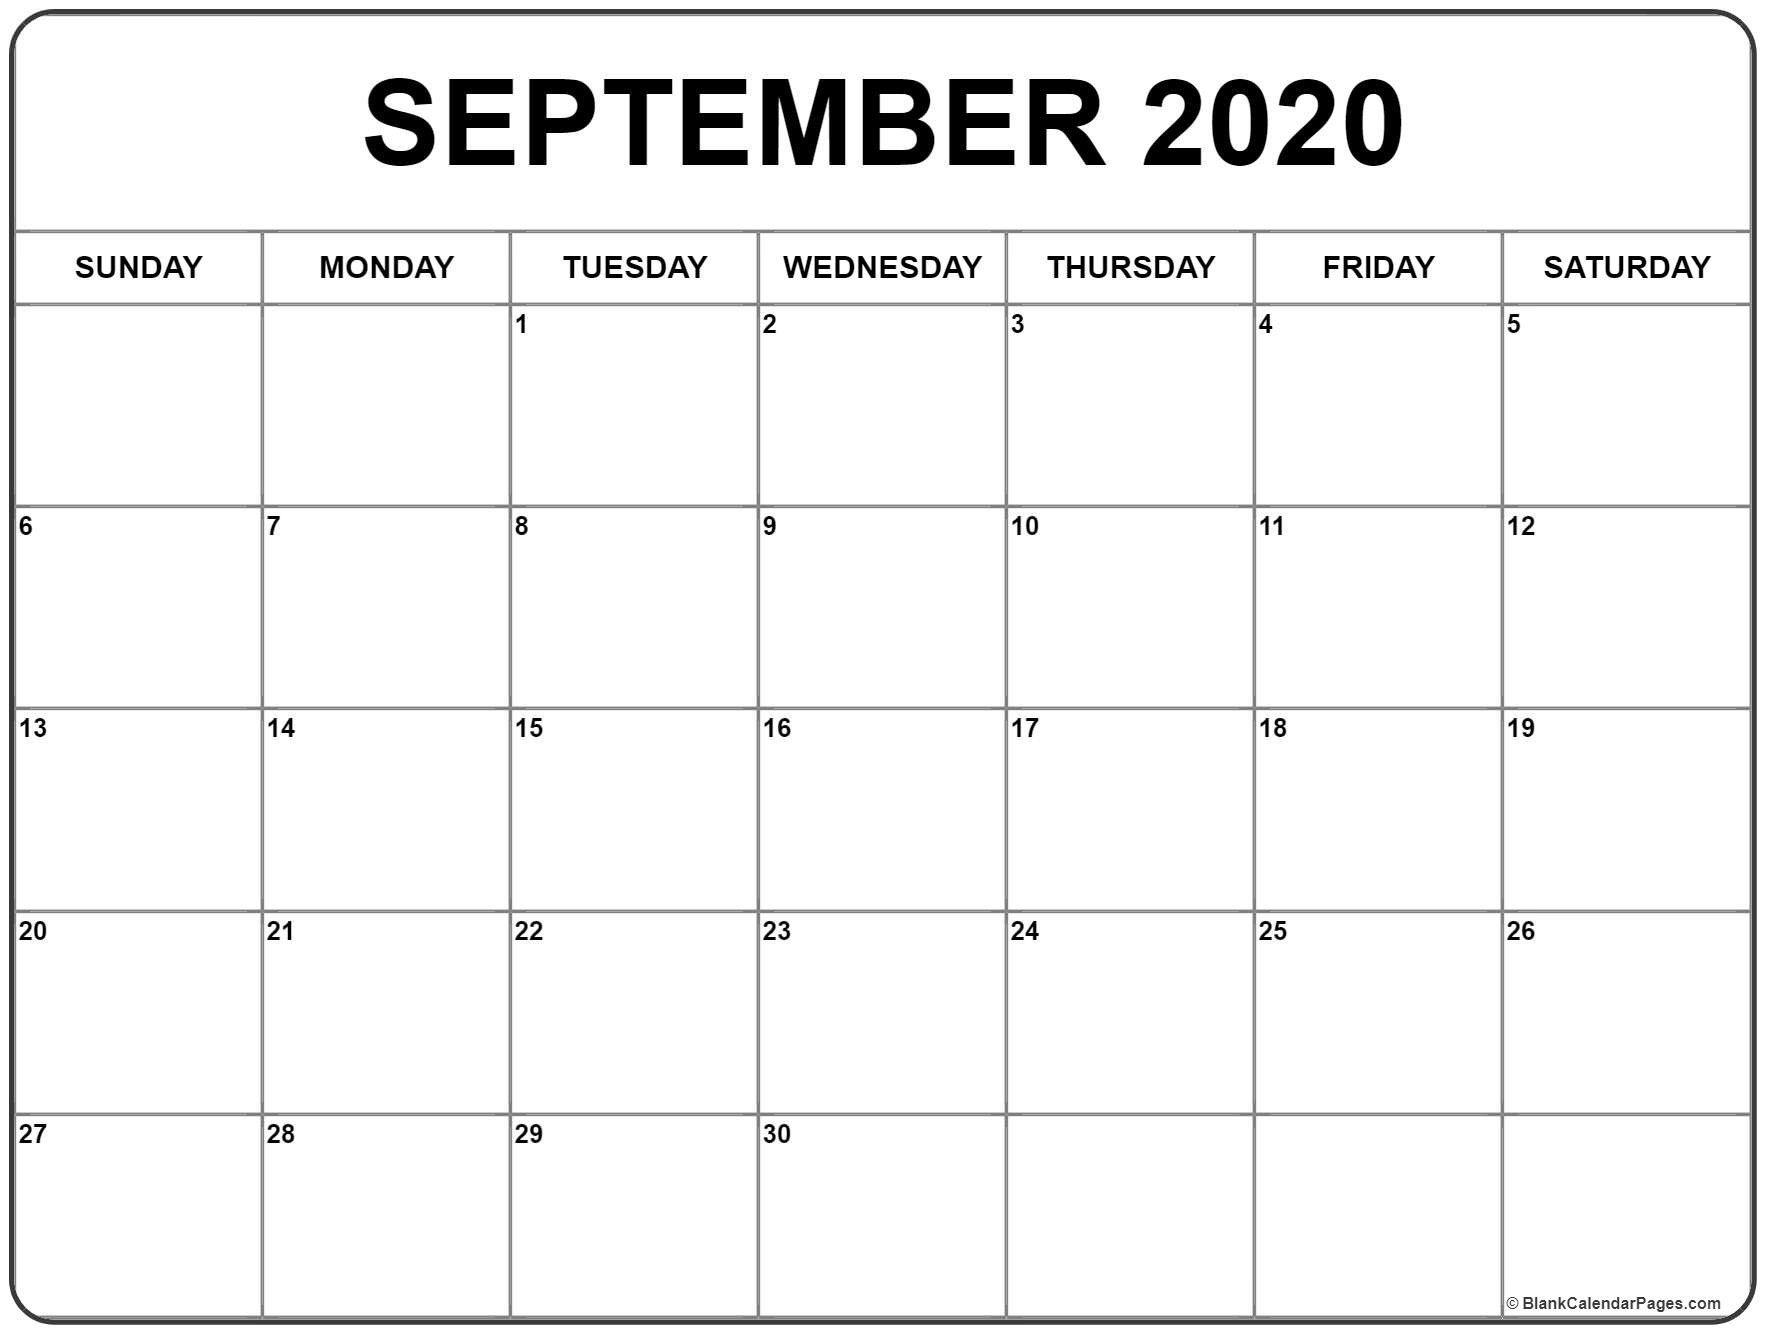 September 2020 Calendar 51 Calendar Templates Of 2020 intended for Calender August And September 2020